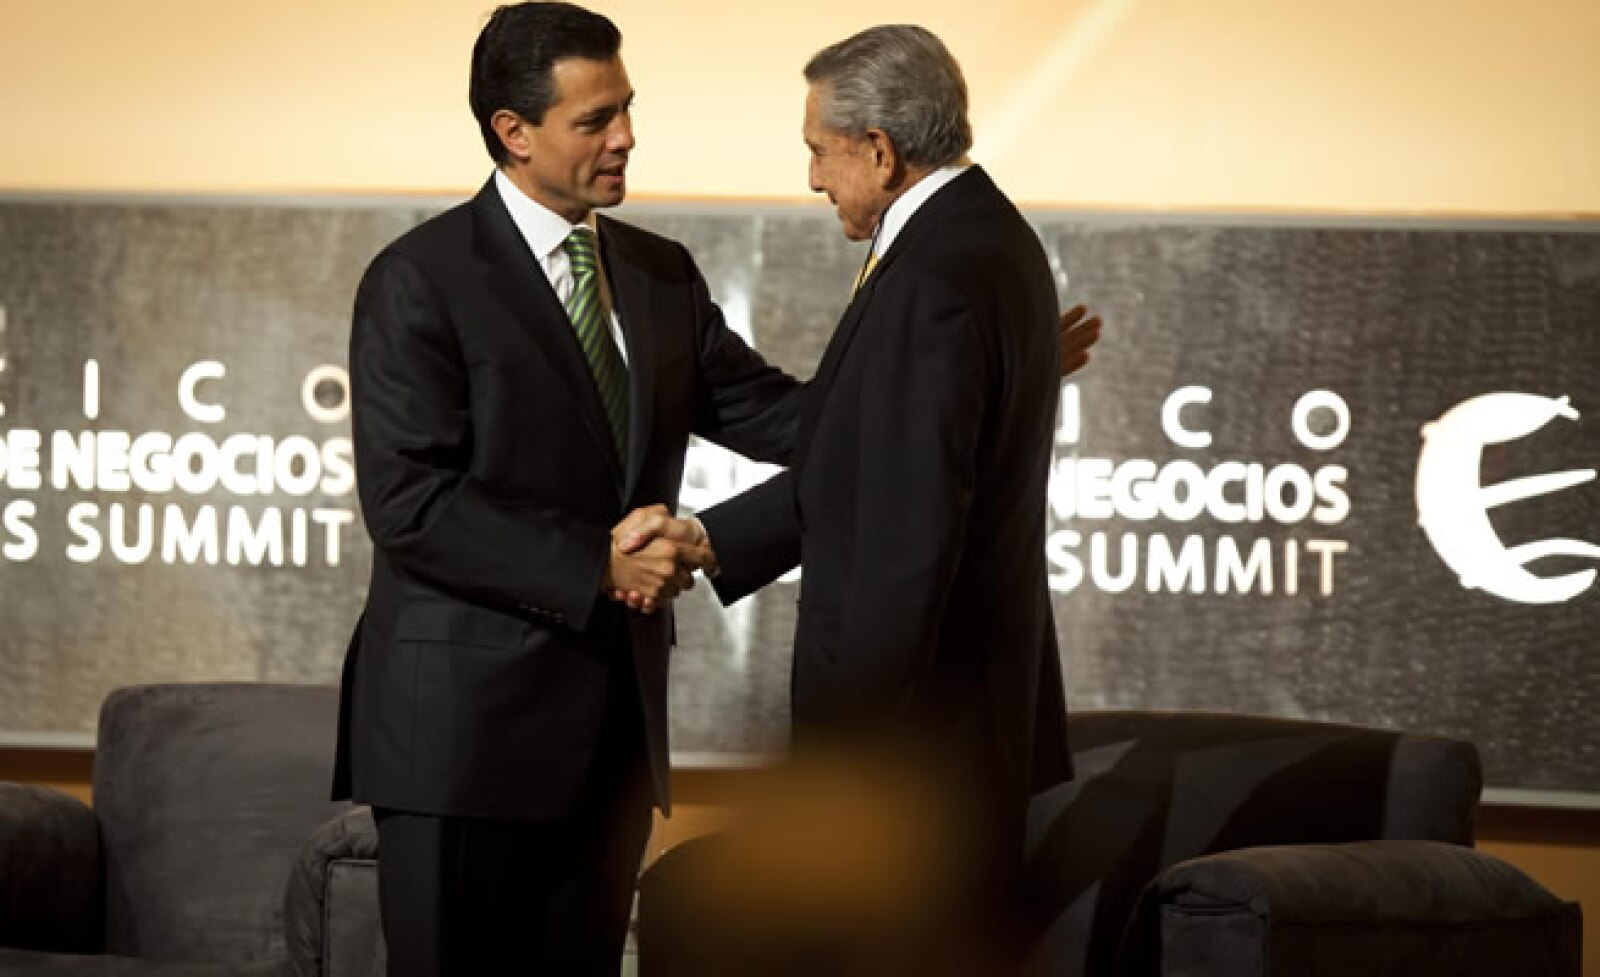 Enrique Peña aseveró que uno de sus objetivos será el reducir los niveles de pobreza en México.